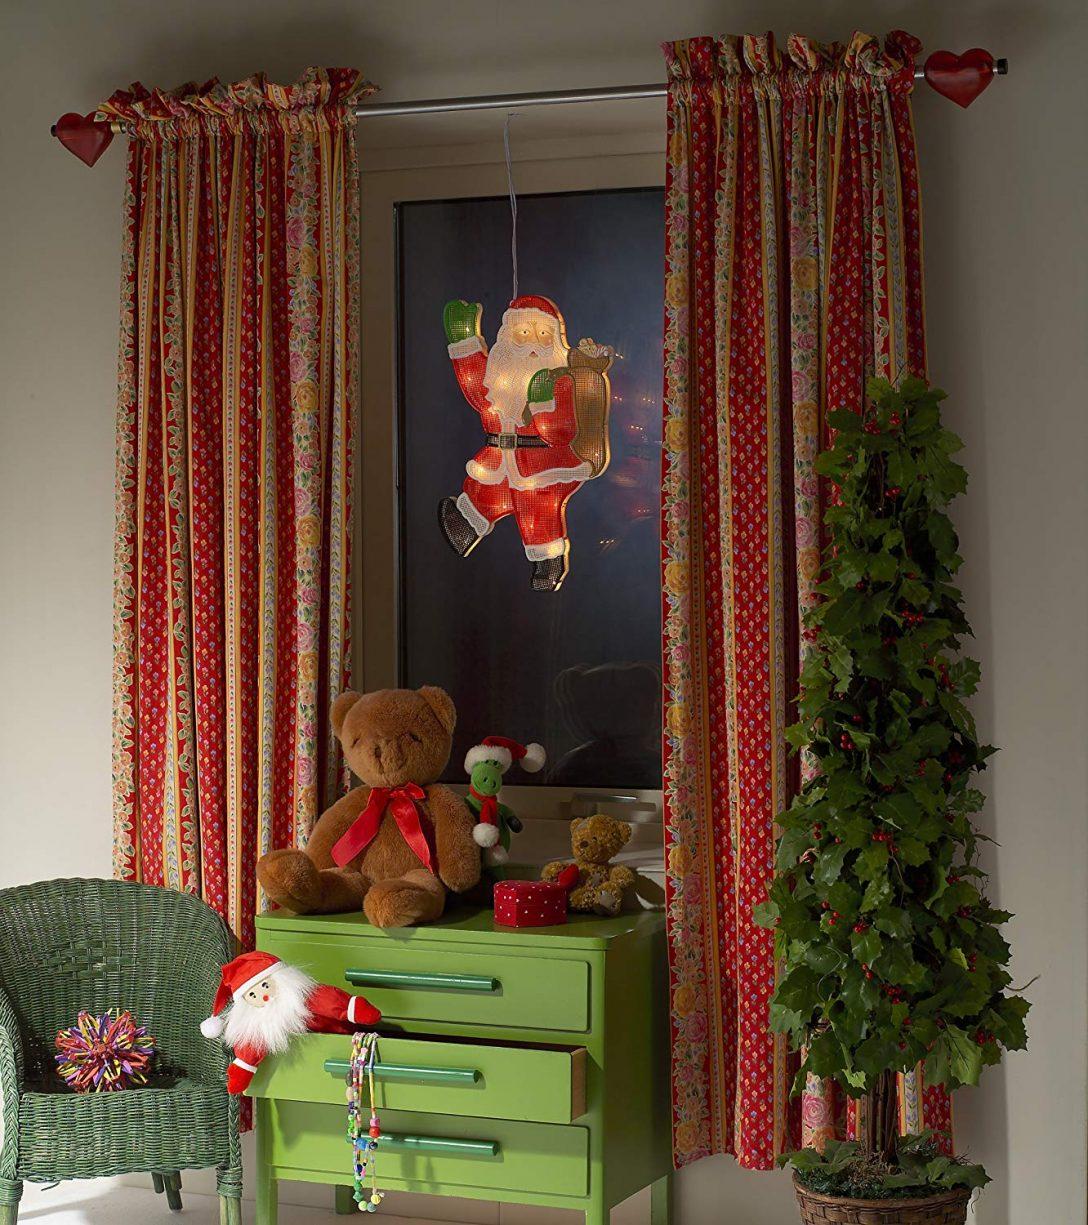 Large Size of Fensterbeleuchtung Weihnachten Innen Sternschnuppe Led Mit Saugnapf Sterne Weihnachts Asr Fenster Beleuchtung Strom Batterie Stern Selber Machen Kabel Fenster Fenster Beleuchtung